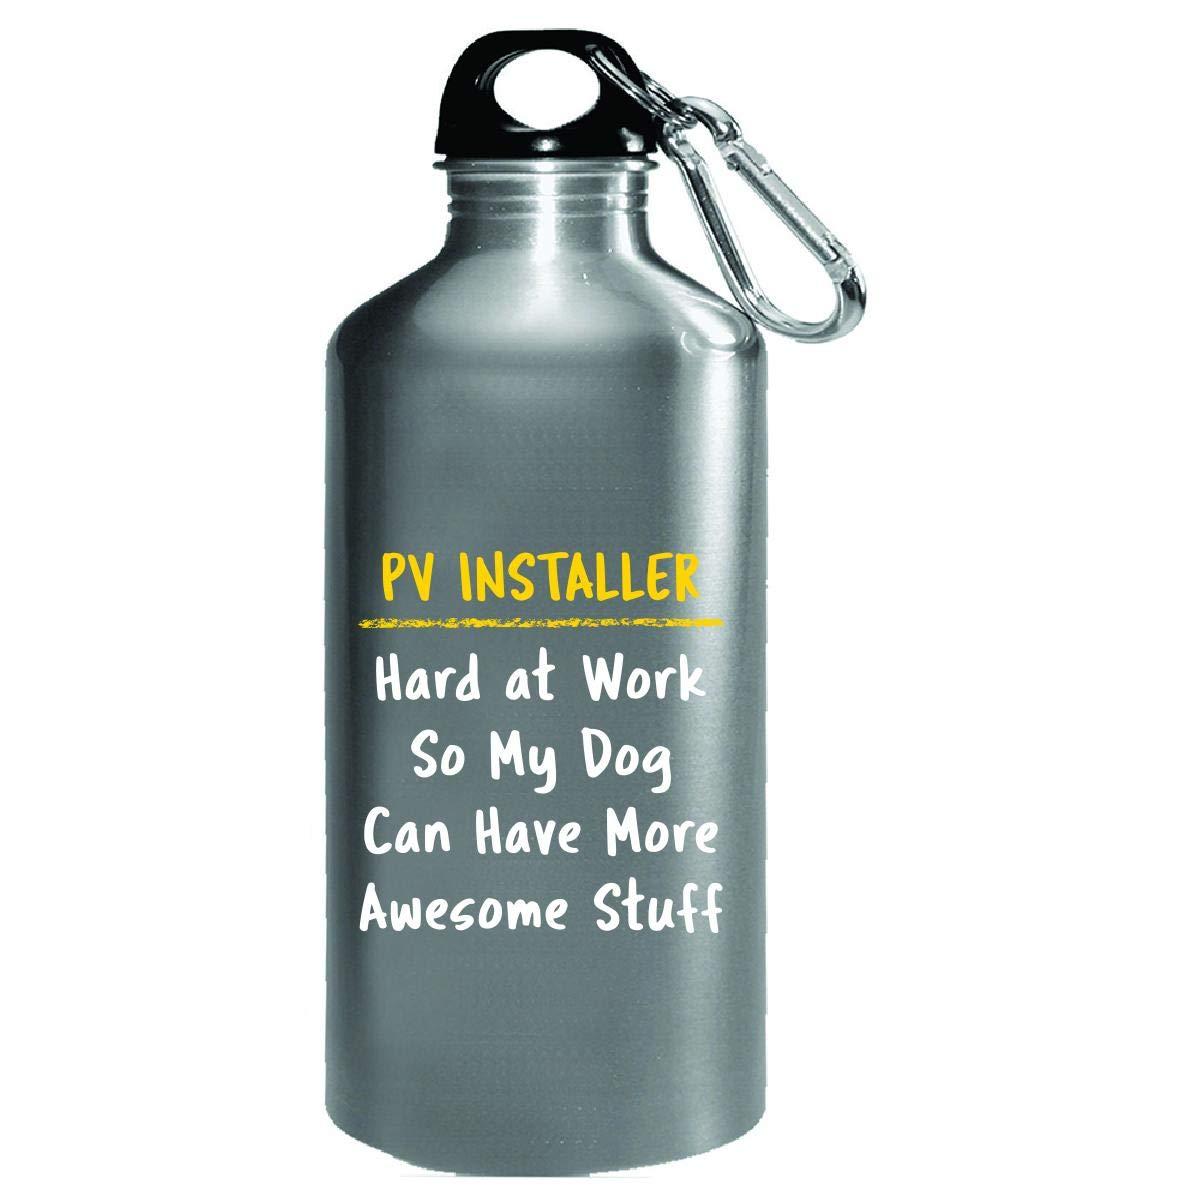 Pv Installer Hard At Work Dog Lover Sarcasm Funny Solar Gift - Water Bottle